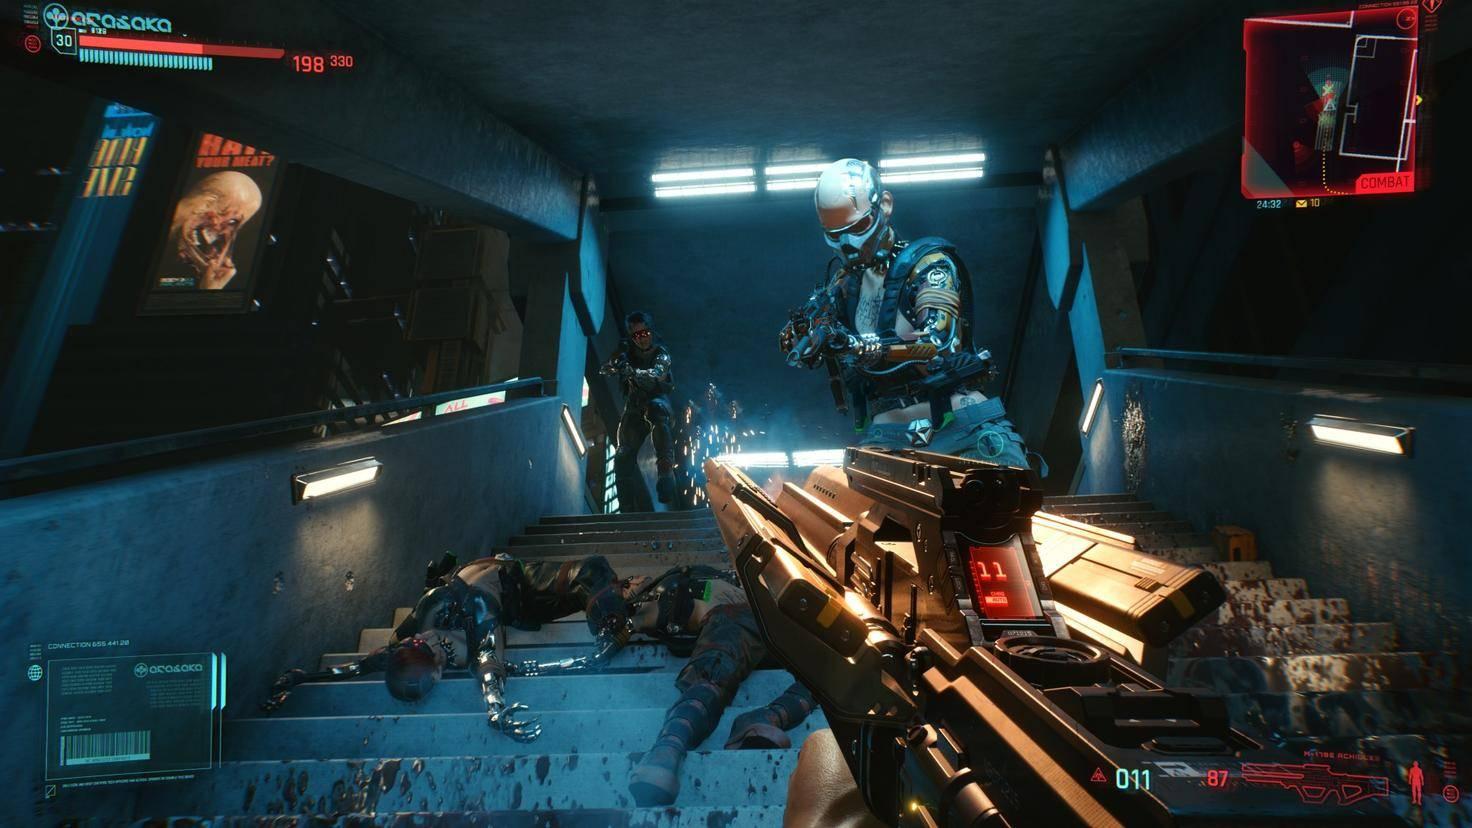 cyberpunk-2077-screenshot-02